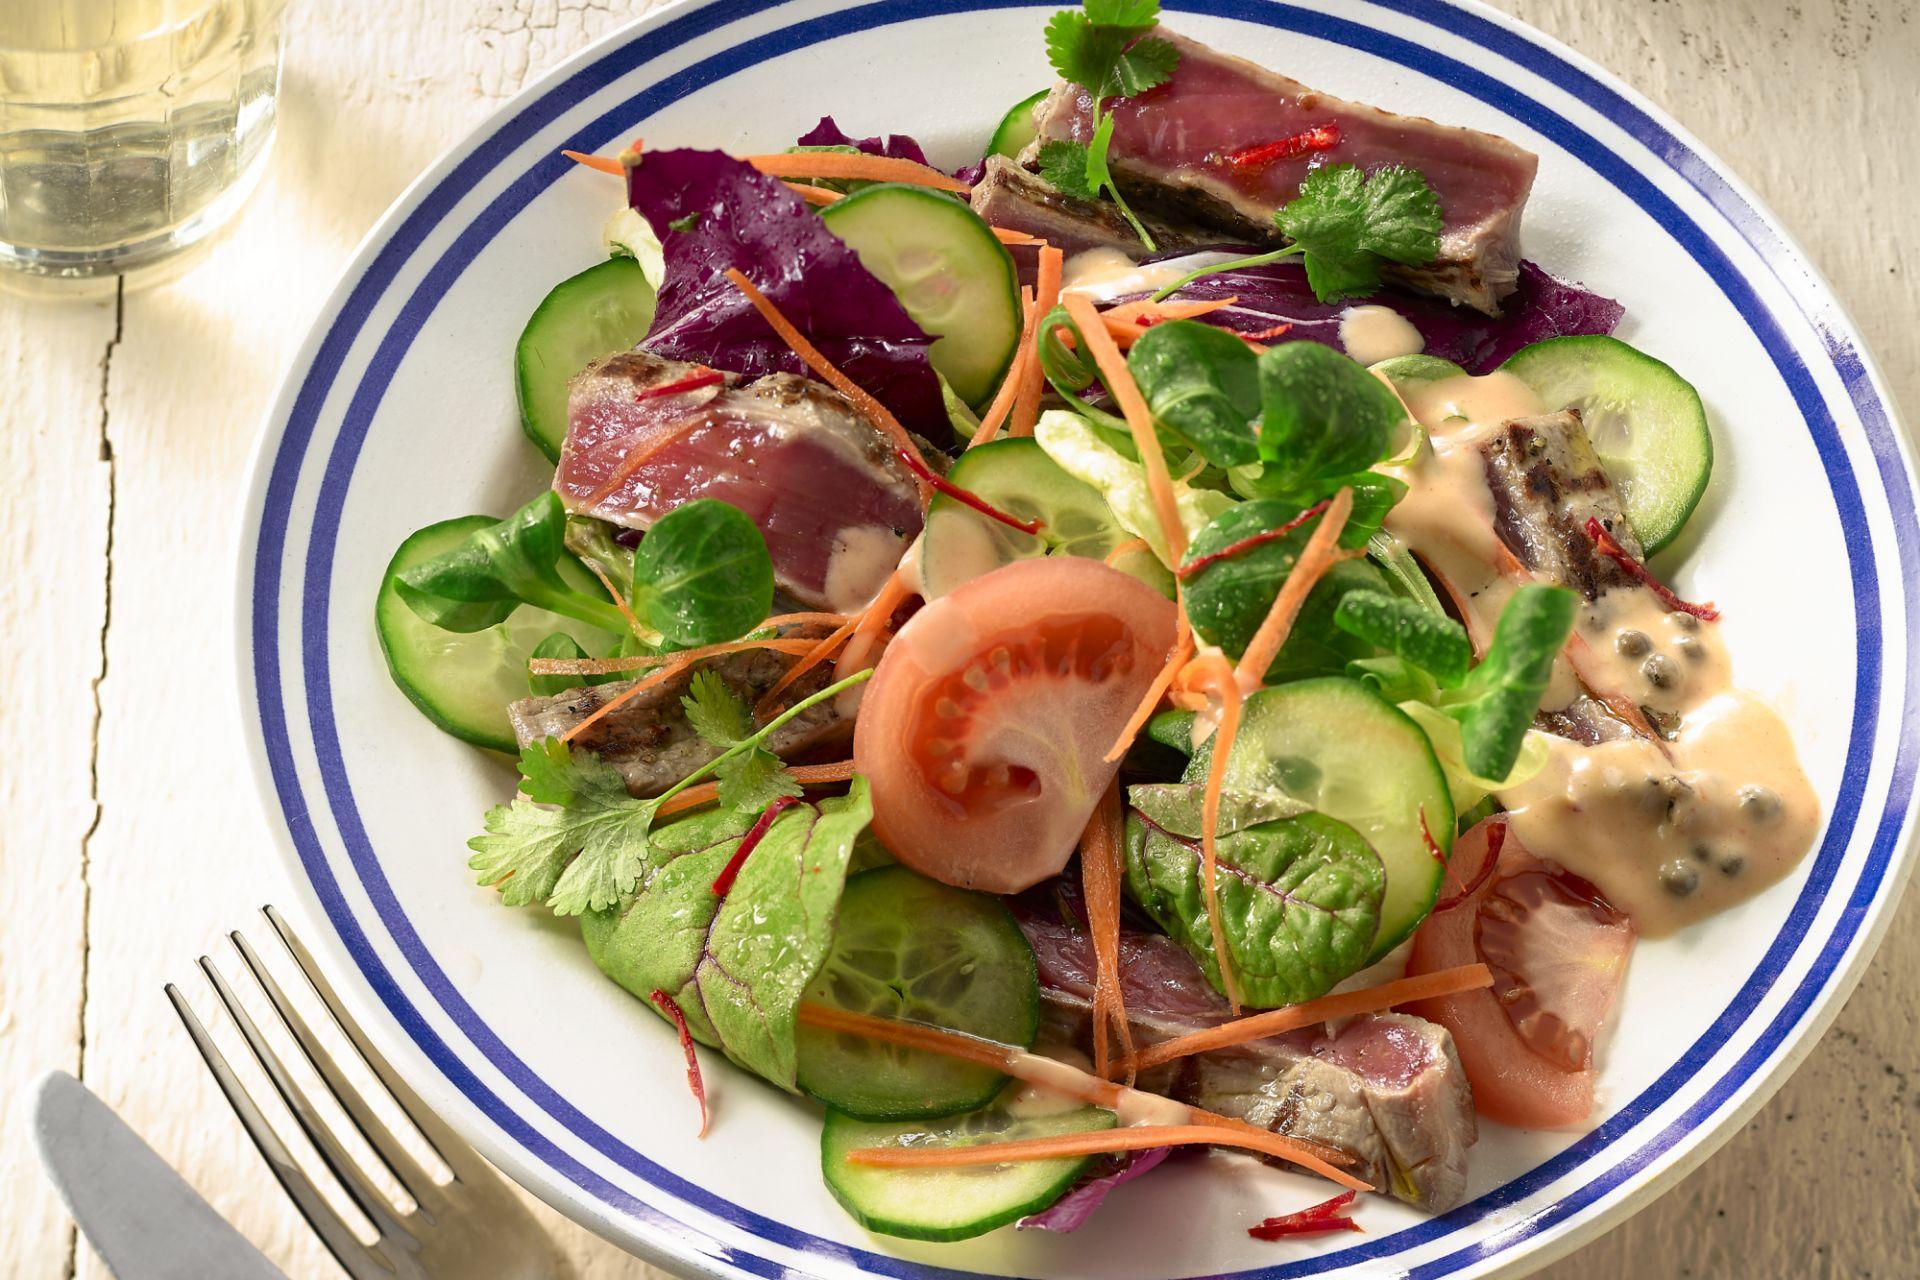 Thaise salade met biefstuk en peper-currydressing